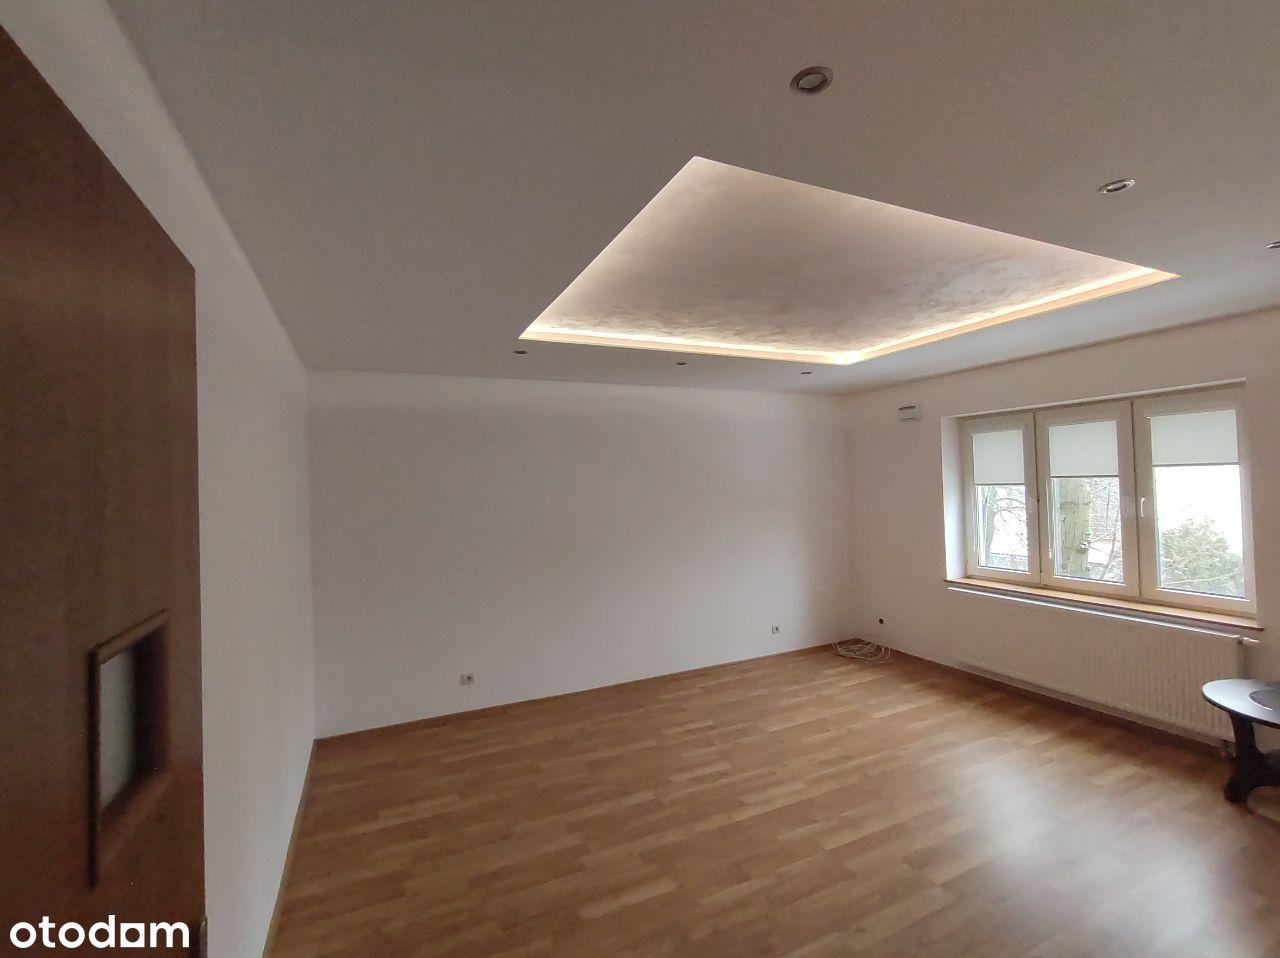 Mieszkanie kawalerka 35,5 m2 bezczynszowe